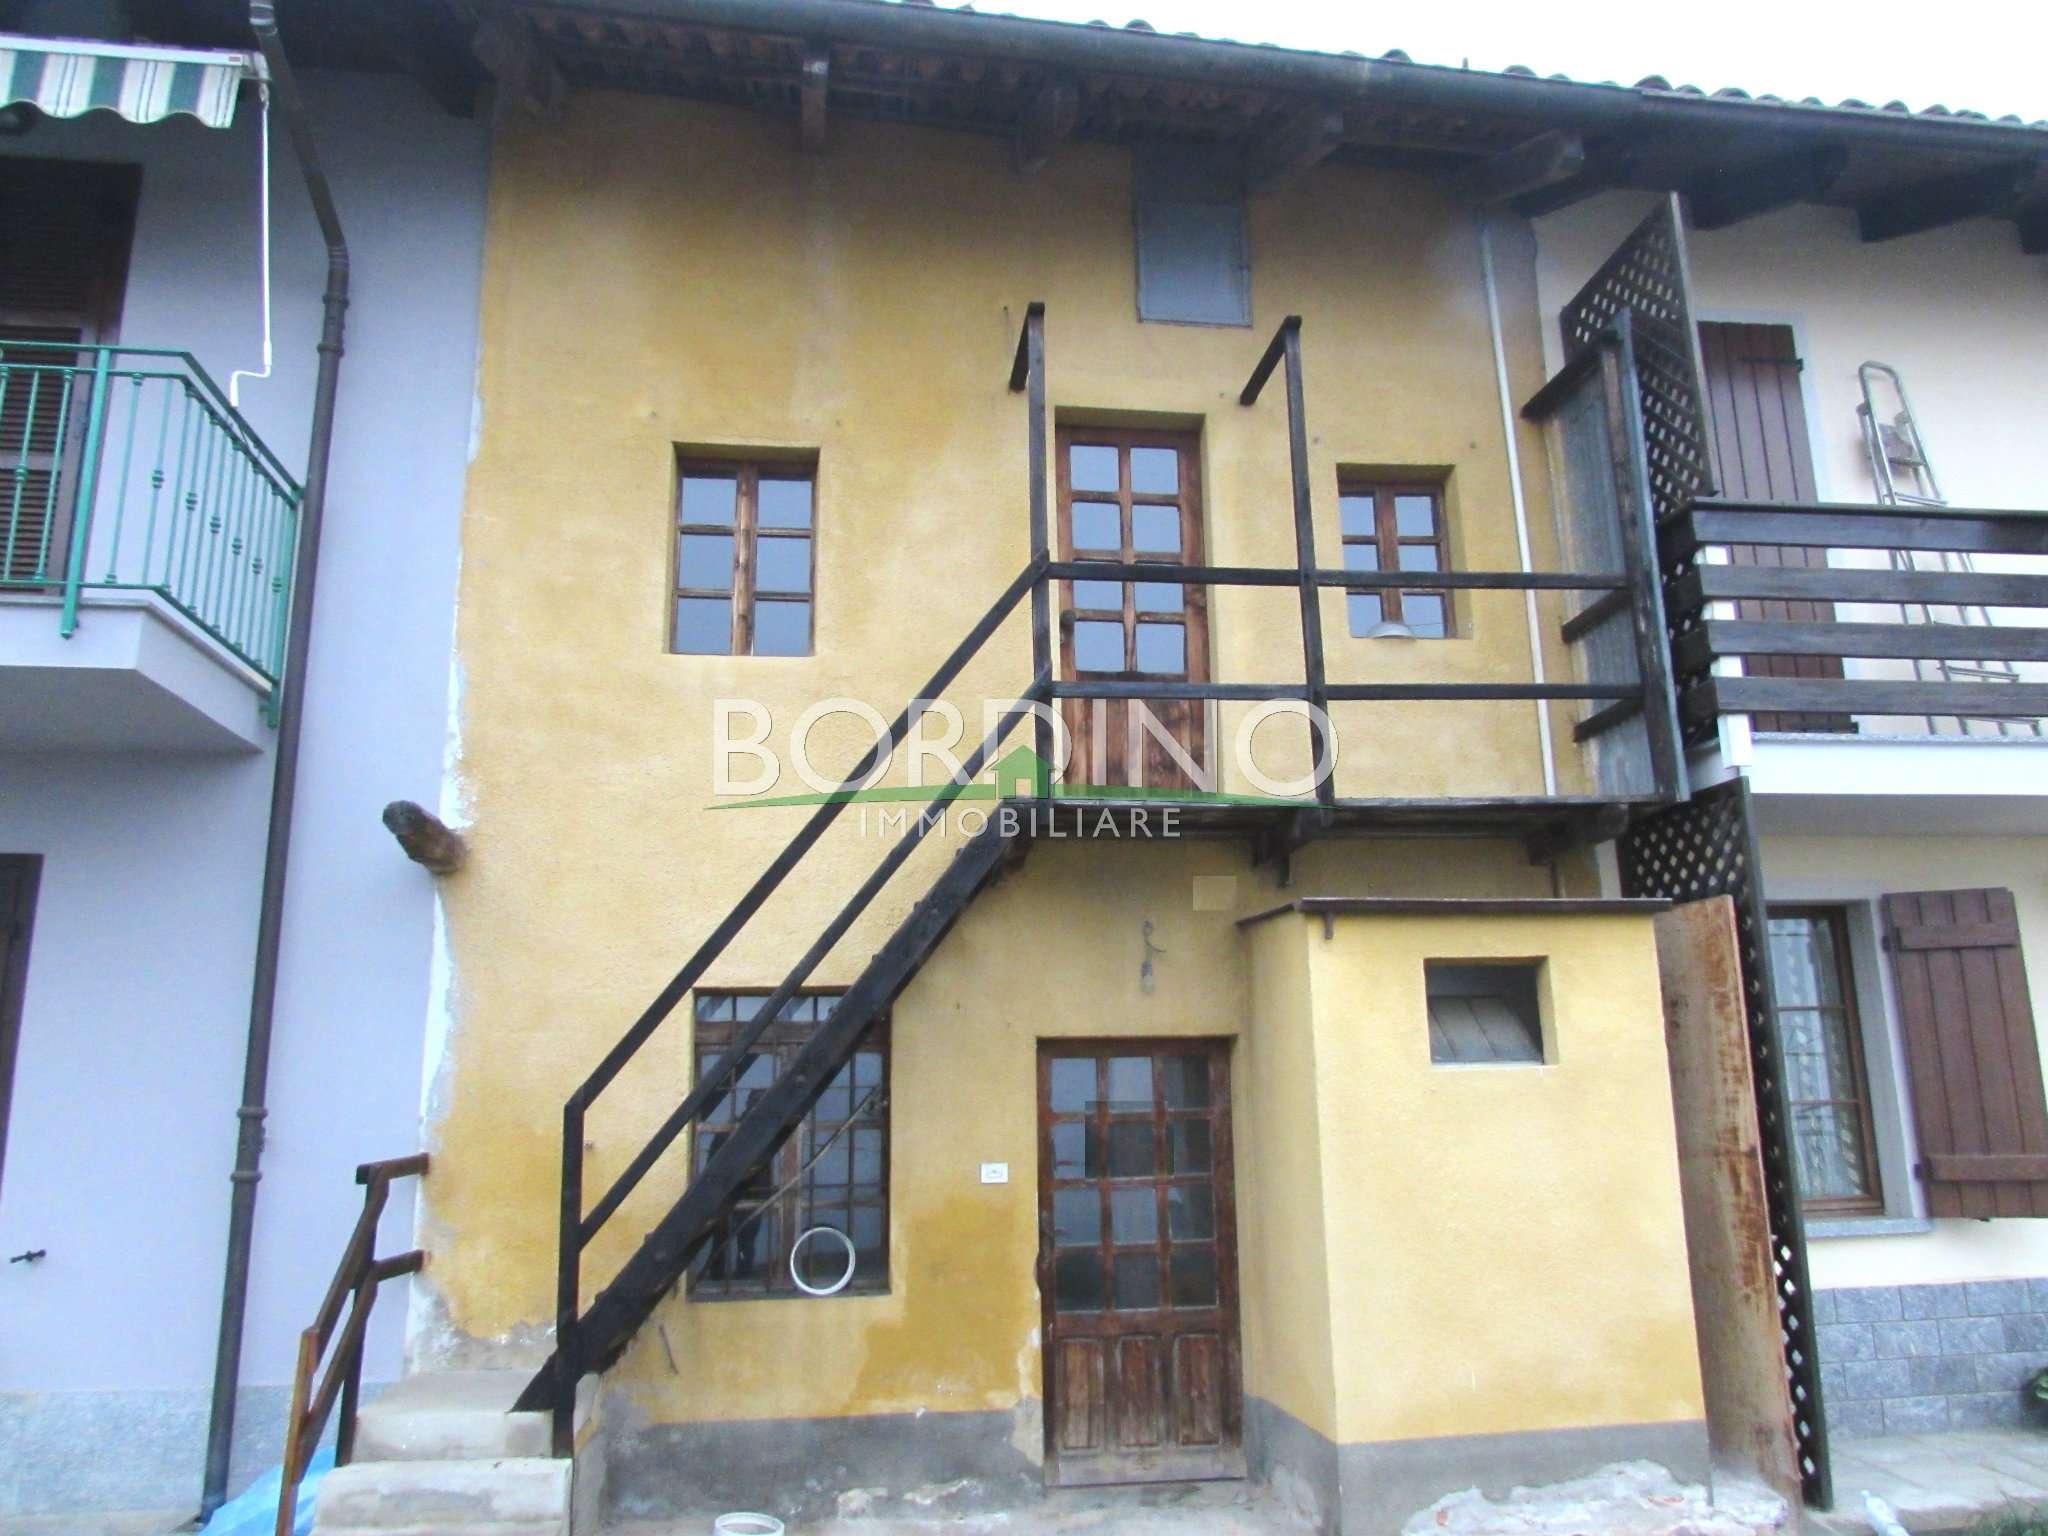 Soluzione Indipendente in vendita a Cisterna d'Asti, 3 locali, prezzo € 30.000 | CambioCasa.it